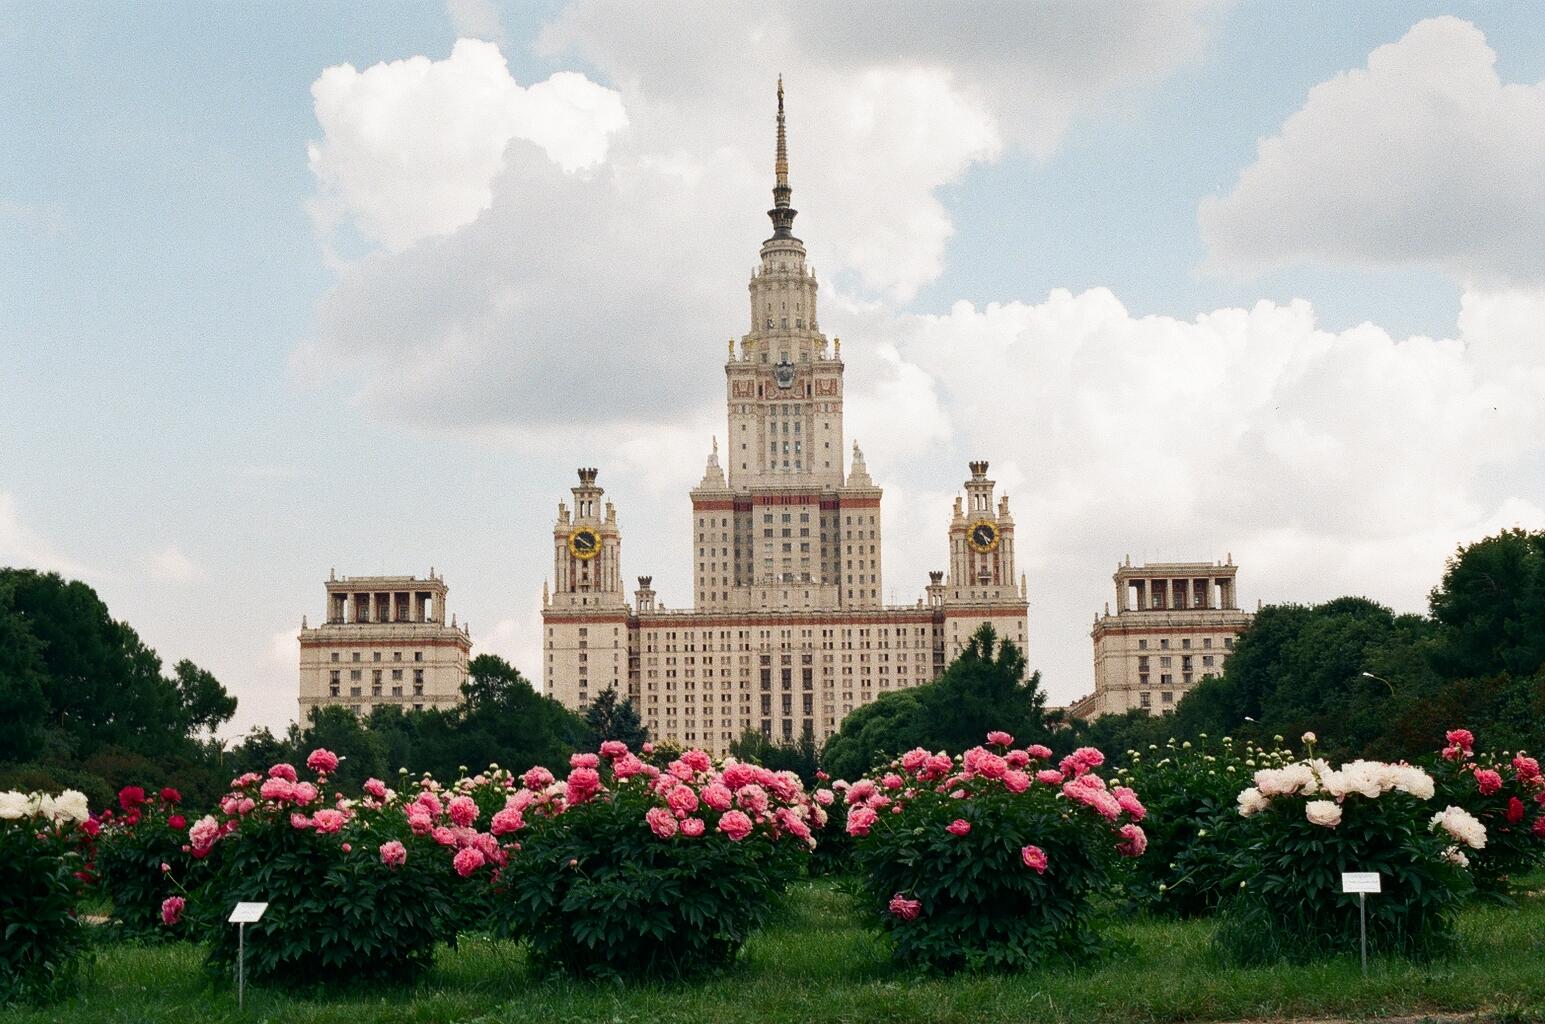 Universidade-Estatal-de-Moscou-é-uma-das-universidades-mais-bonitas-do-mundo